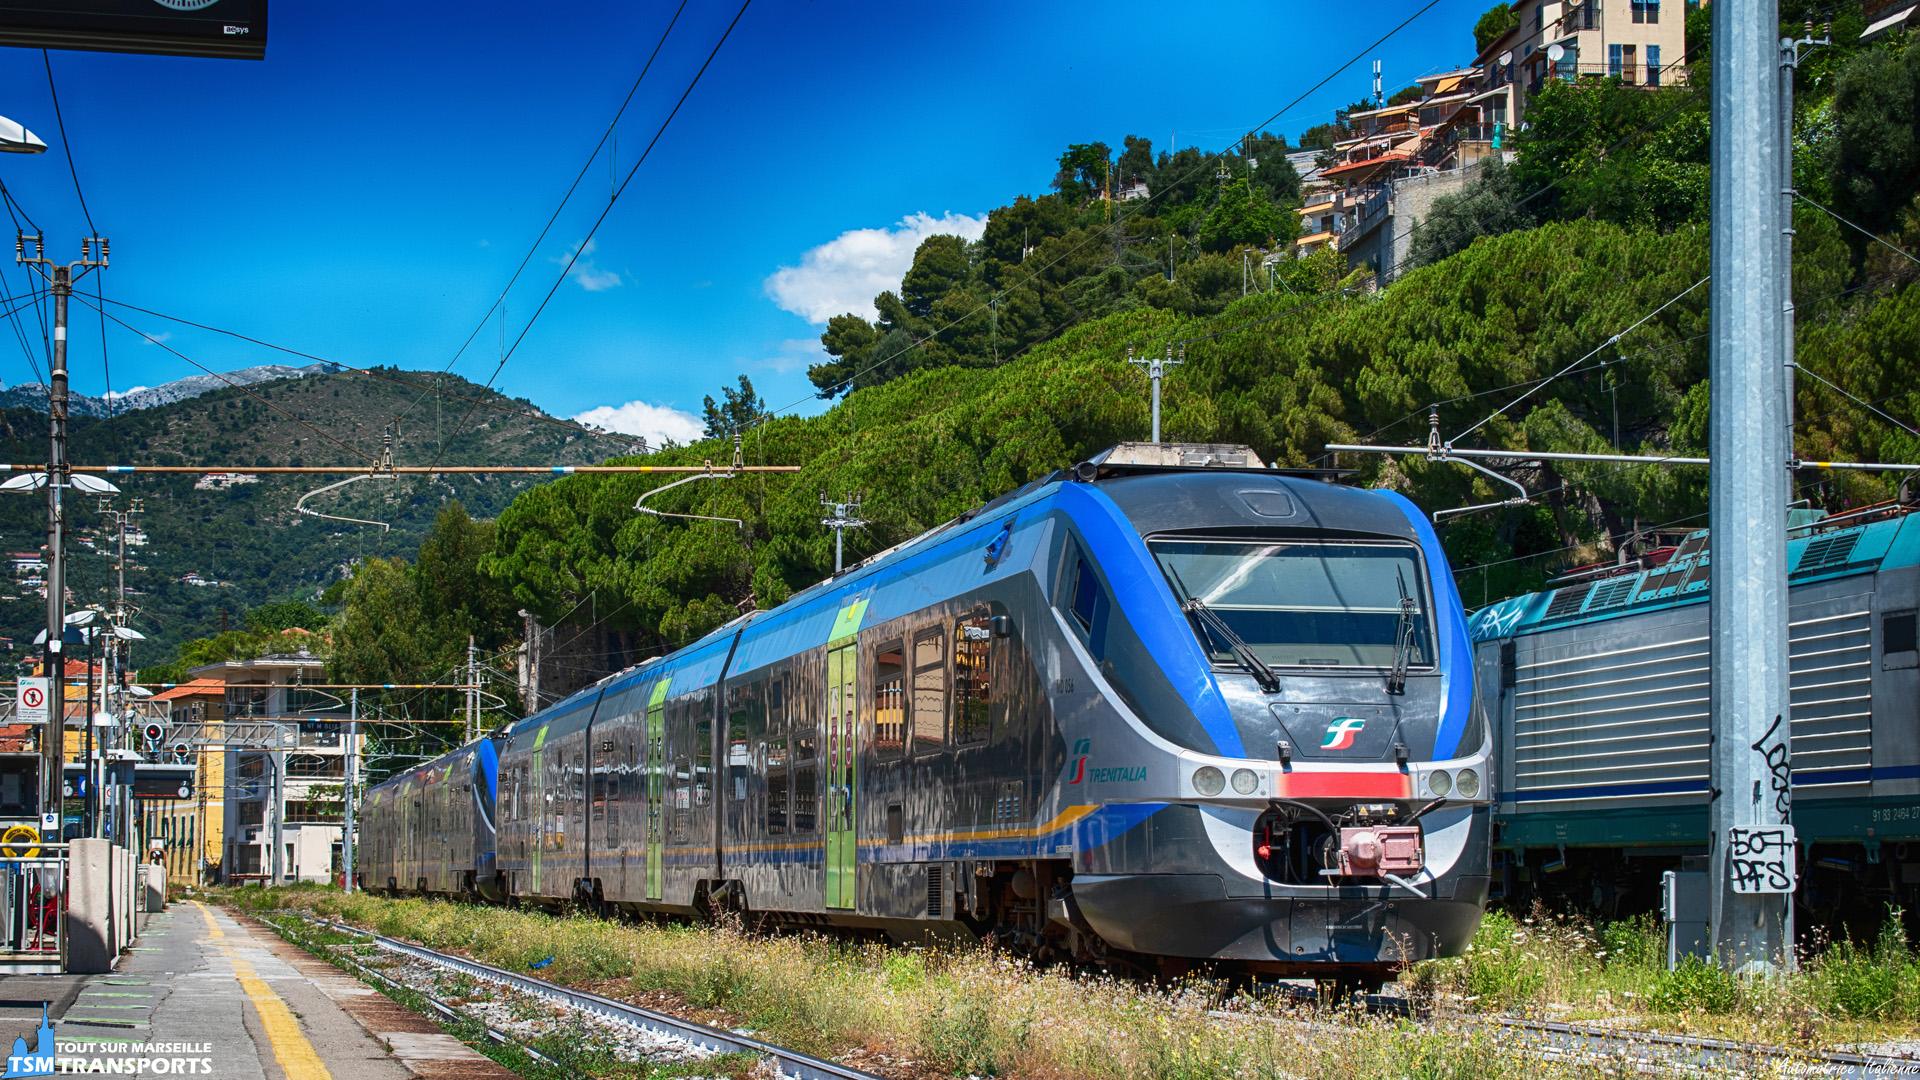 """Sur les voies ensoleillées de la Gare de Vintimille, une UM de """"Minuetto"""" bronze et attend sa prochaine mission dans le pays de la pizza 🍕. . Construit sur une base de Coradia, les Alstom ALn 501 (Automotrice Légère nafta (diesel en Français)) sont composées de 3 caisses dont deux avec cabines de conduite. . ℹ️ Alstom Ferroviaria ALn 501 MD 056 & MD 088 Minuetto Trenitalia. . 📍 Ventimiglia-Stazione, 18039 Vintimille, Imperia, Italie. . 📸 Nikon D5600. . 📷 Nikkor 18-55mm. . 🙋 Accompagné de @trains_du_sud & @jujubs410 . . 📅 4 Juillet 2020 à 12:04."""